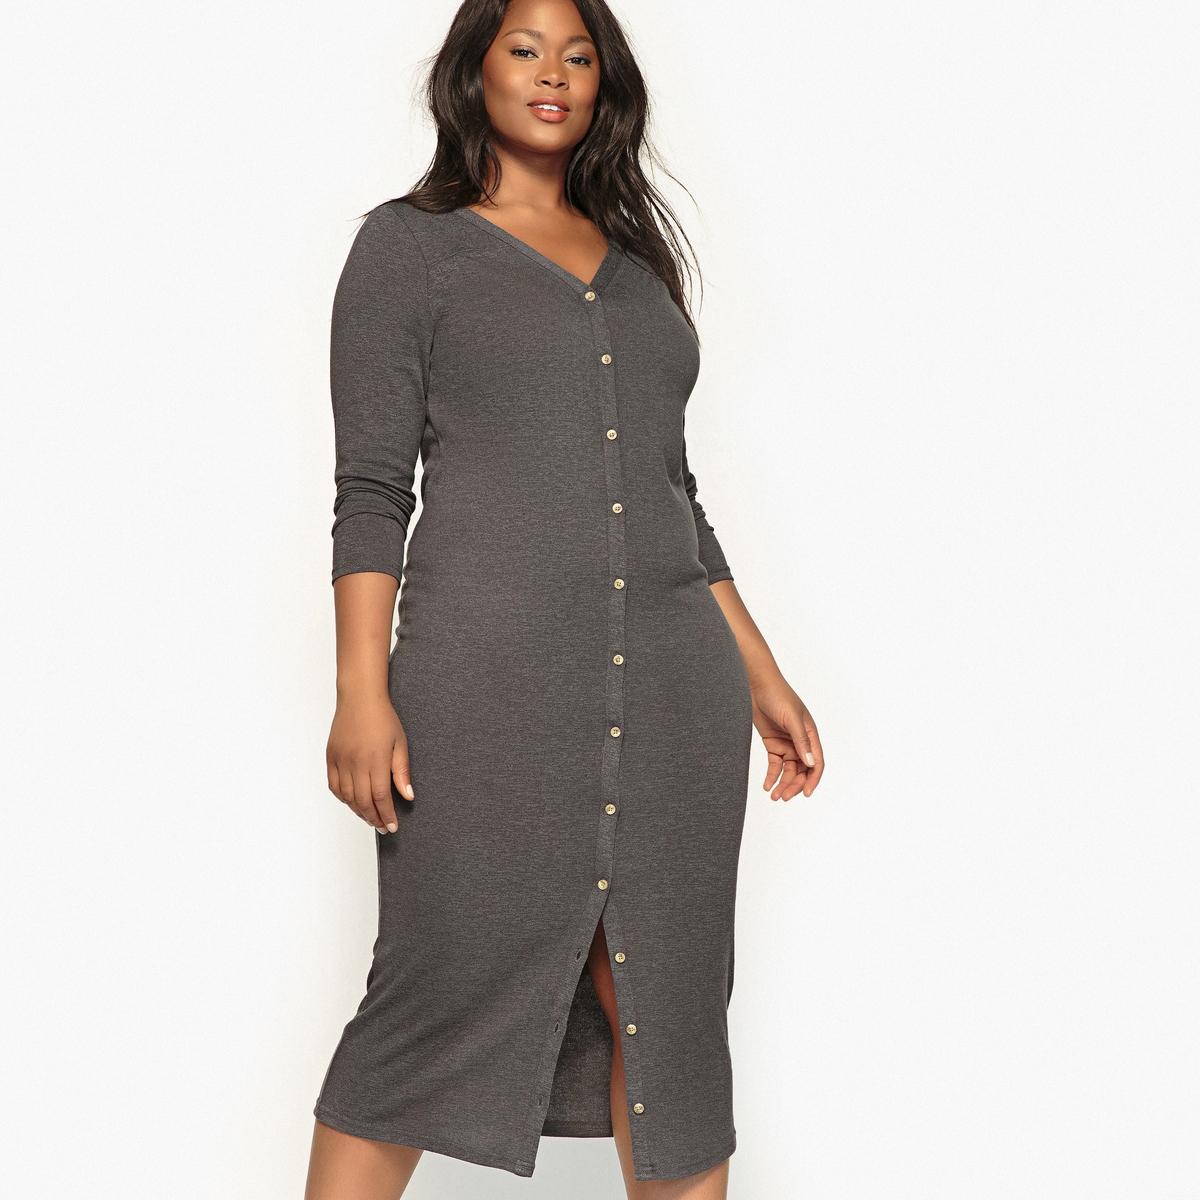 Платье трикотажное на пуговицахОписаниеИзящное длинное платье из трикотажа. Простая модель прямого покроя с  V-образным декольте спереди и сзади, длинное и очень женственное платье. Детали •  Форма : прямая •  Длина ниже колен •  Длинные рукава    •   V-образный вырезСостав и уход •  49% полиэстера, 47% вискозы, 4% эластана •  Tемпература стирки 30° на деликатном режиме •  Сухая чистка и отбеливатели запрещены •  Не использовать барабанную сушку •  Низкая температура глажкиТовар из коллекции больших размеров •  Длина : 120 см<br><br>Цвет: серый меланж,хаки,черный<br>Размер: 52 (FR) - 58 (RUS).50 (FR) - 56 (RUS).44 (FR) - 50 (RUS).54 (FR) - 60 (RUS).52 (FR) - 58 (RUS).50 (FR) - 56 (RUS).46 (FR) - 52 (RUS).44 (FR) - 50 (RUS).62 (FR) - 68 (RUS).54 (FR) - 60 (RUS).52 (FR) - 58 (RUS).48 (FR) - 54 (RUS).44 (FR) - 50 (RUS).42 (FR) - 48 (RUS)